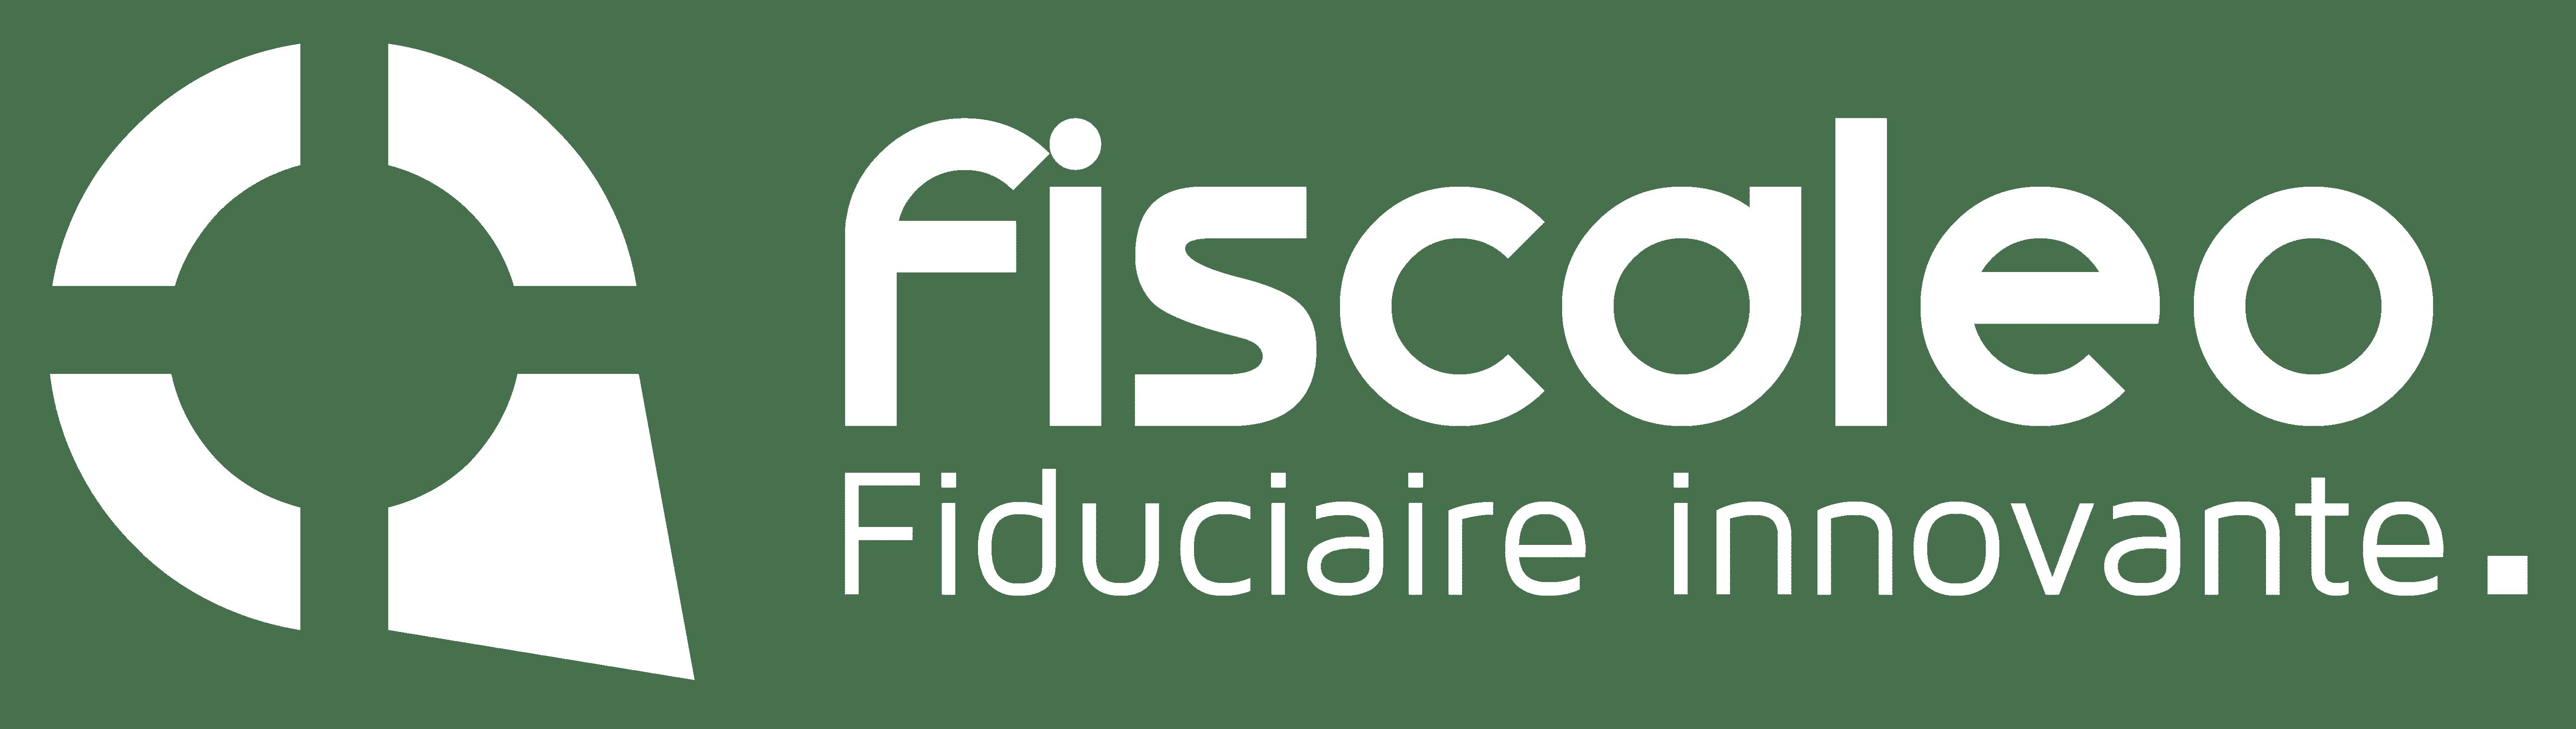 [ FISCALEO S.A. - Expert-Comptable Mons ] - Fiduciaire Expert Comptable Fiscaliste Conseils Fiscaux @ Mons Borinage Hainaut Belgique - Expert-comptable - Fiscalité - Gestion fiscale d'entreprises